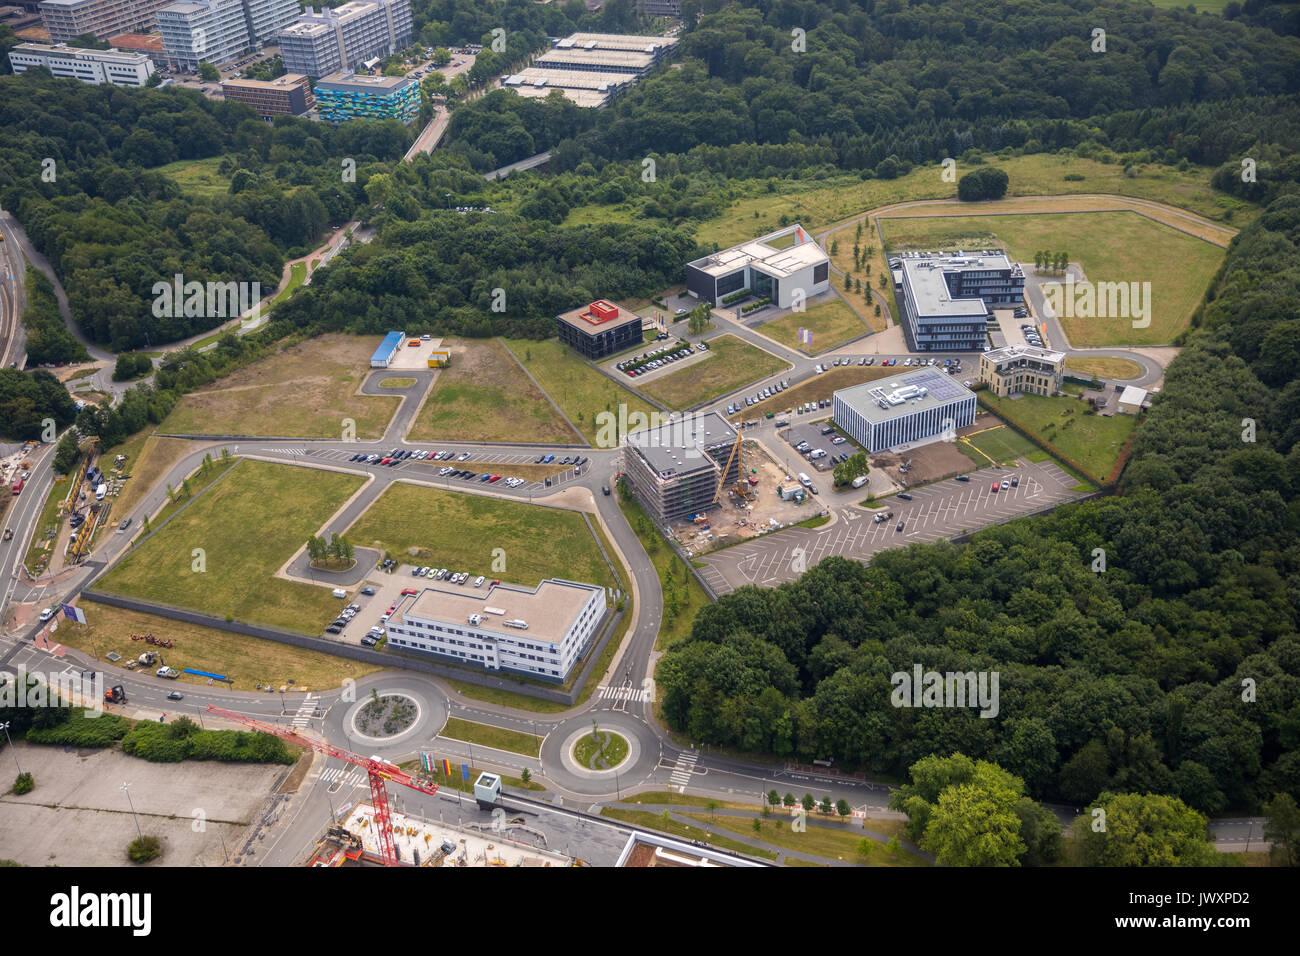 Health Campus Bochum, Verband medizinische Berufe eV, GBTEC Software Consulting AG, State Center Gesundheit Nordrhein-westfalen LZG.NRW, Bochum, Ru Stockbild